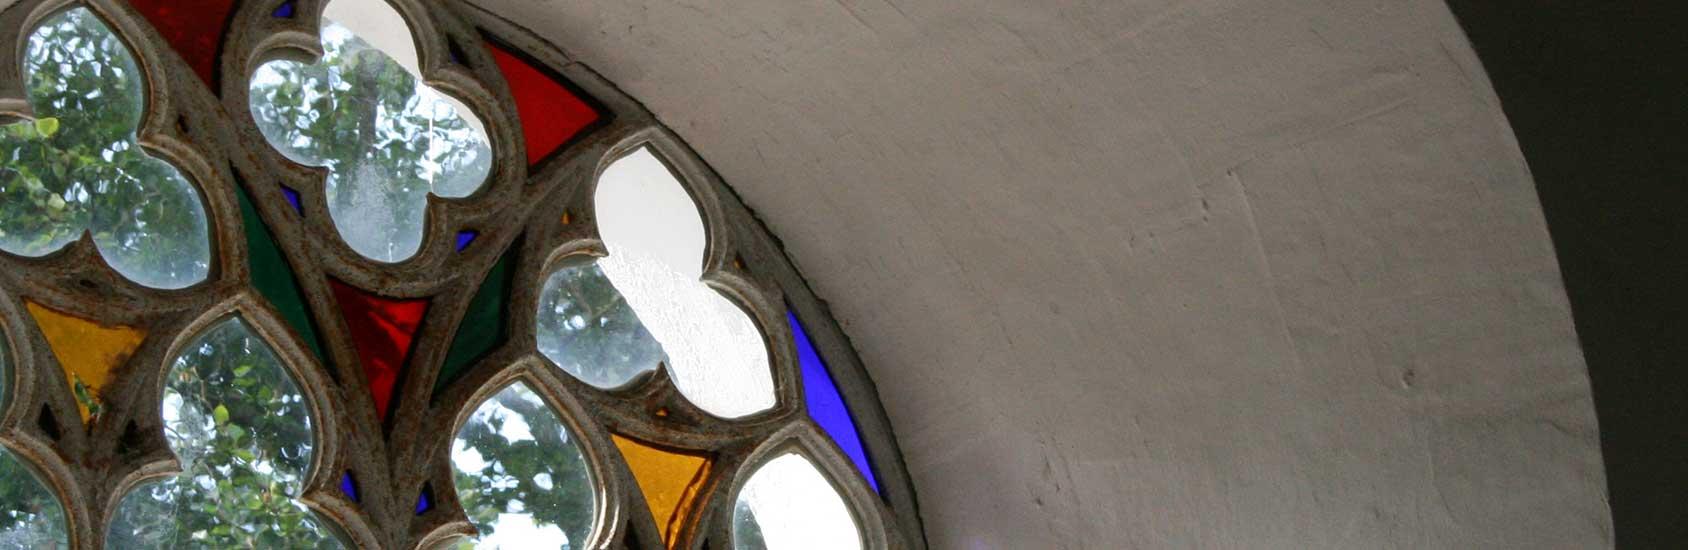 Kirchenfenster Kirche Mitling-Mark